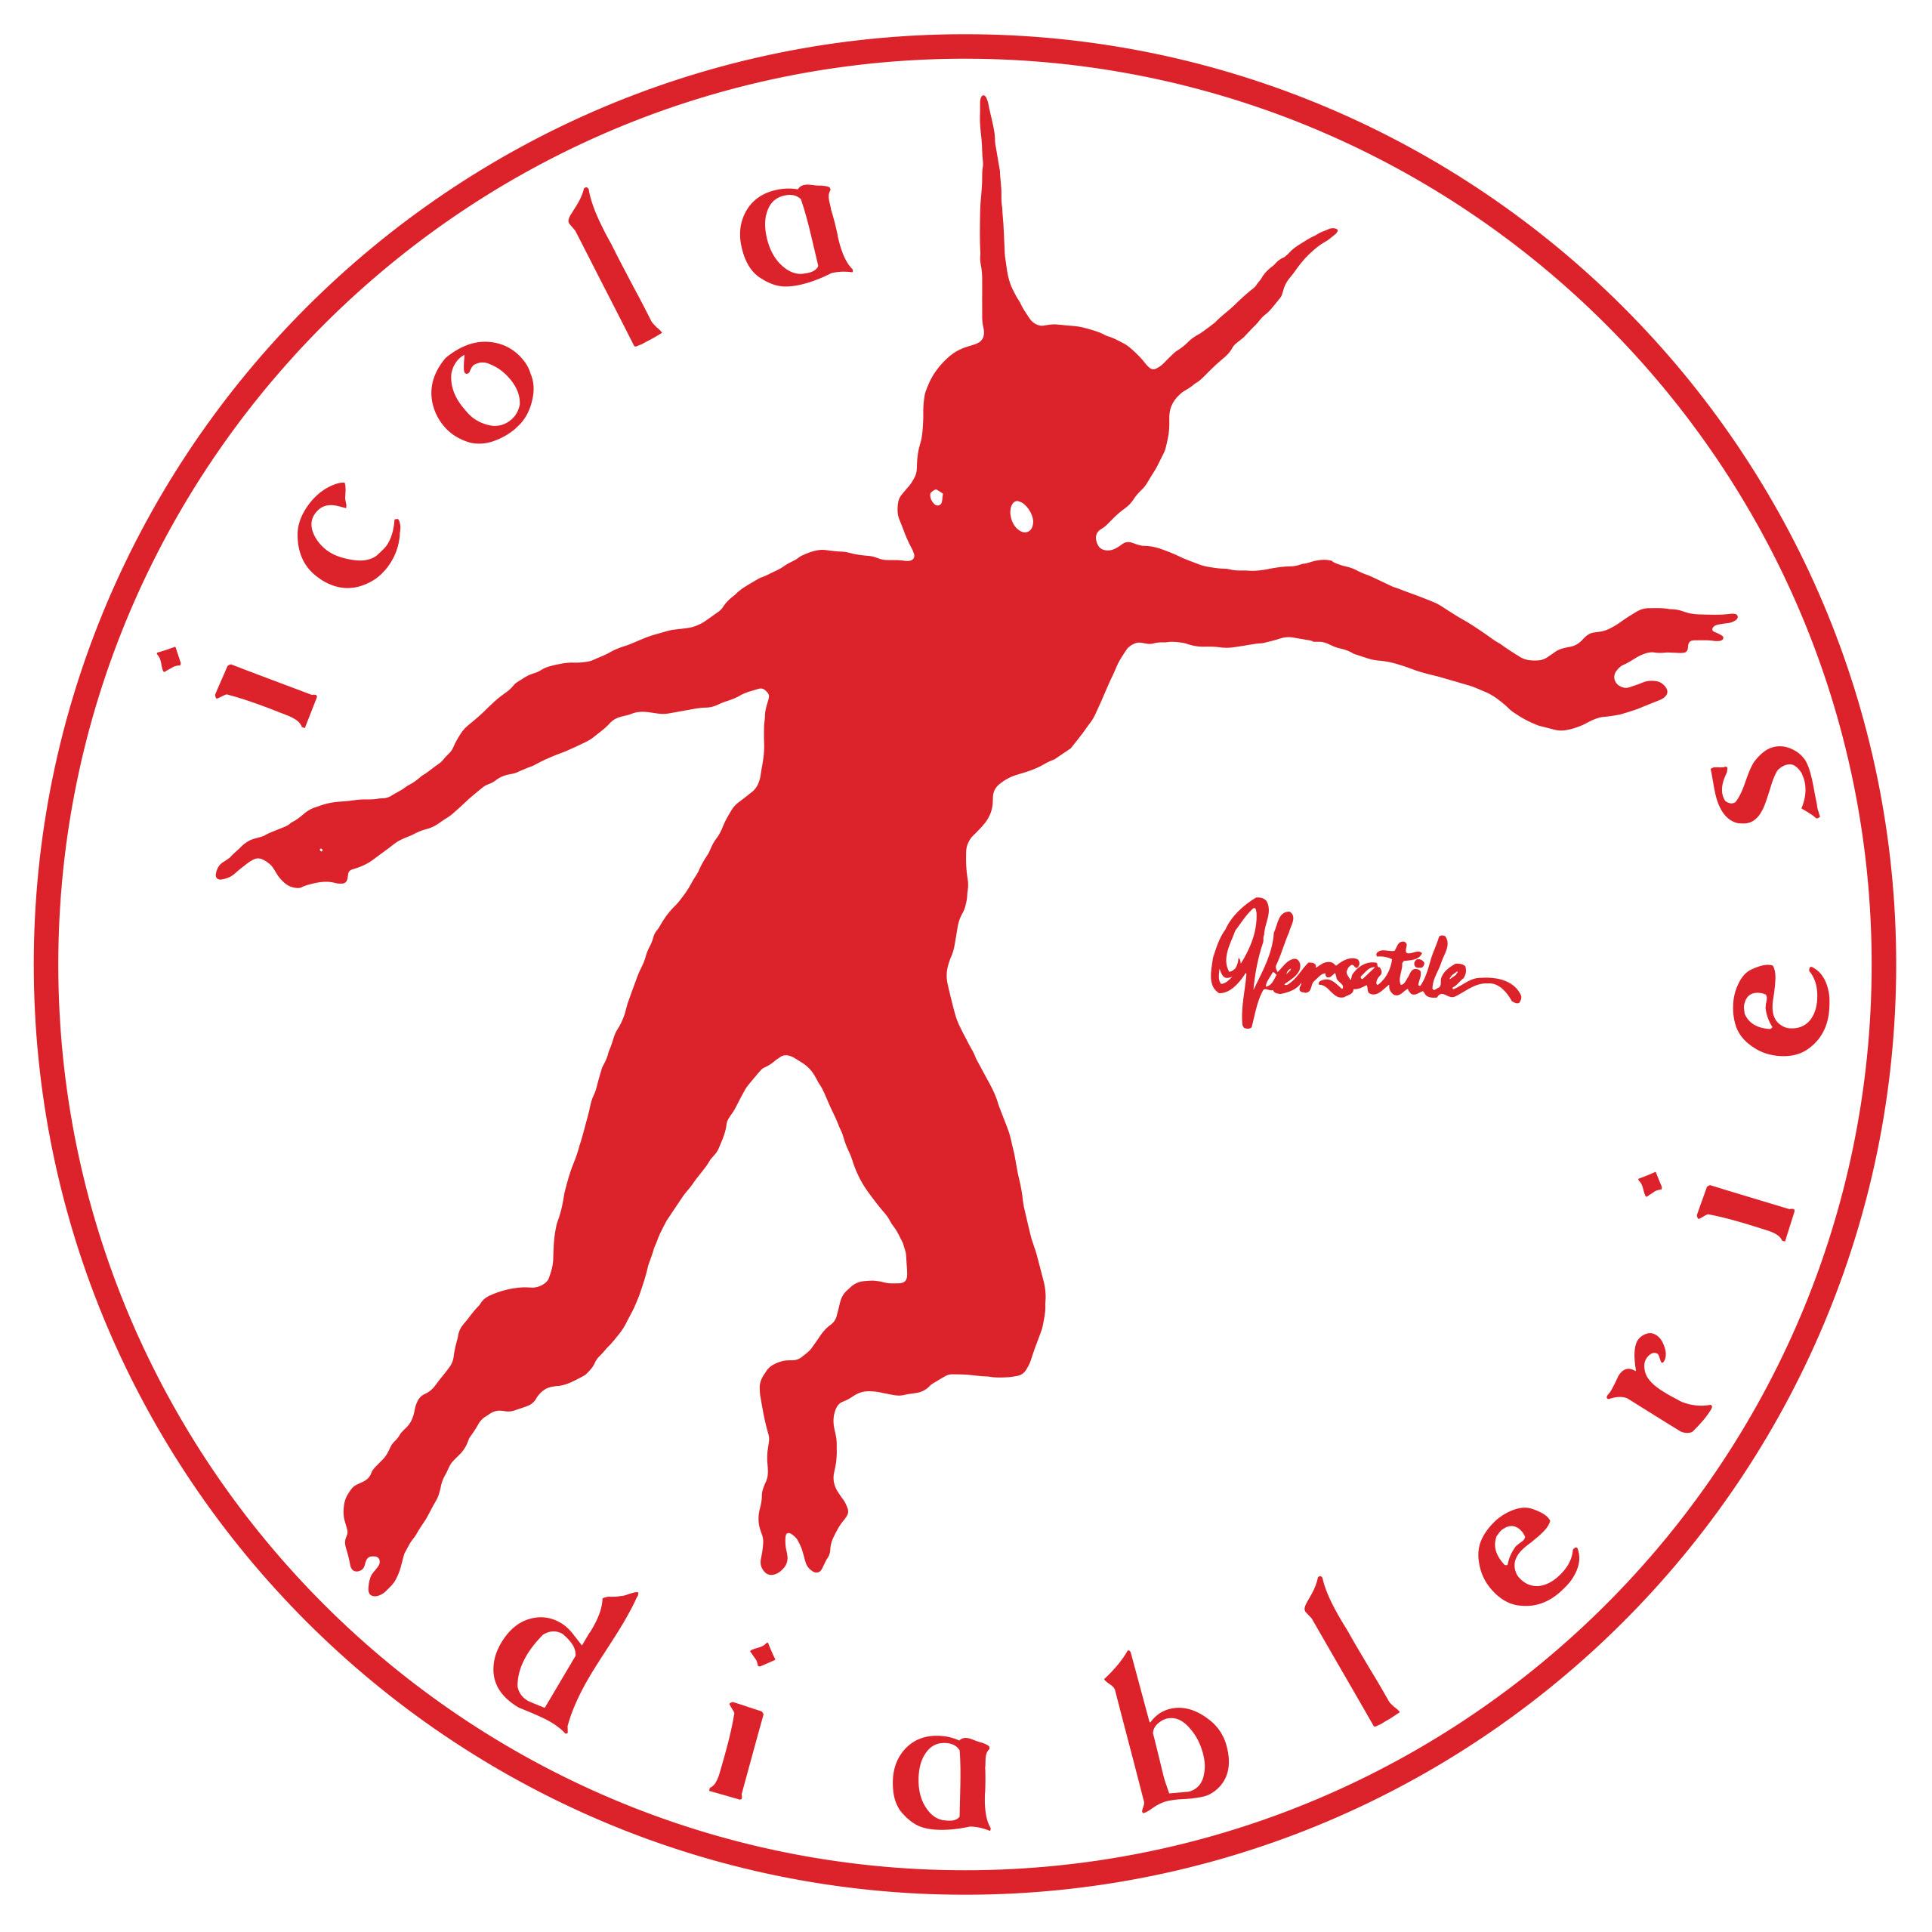 i:Cube, Icola, Versatile Records,  Club, Business